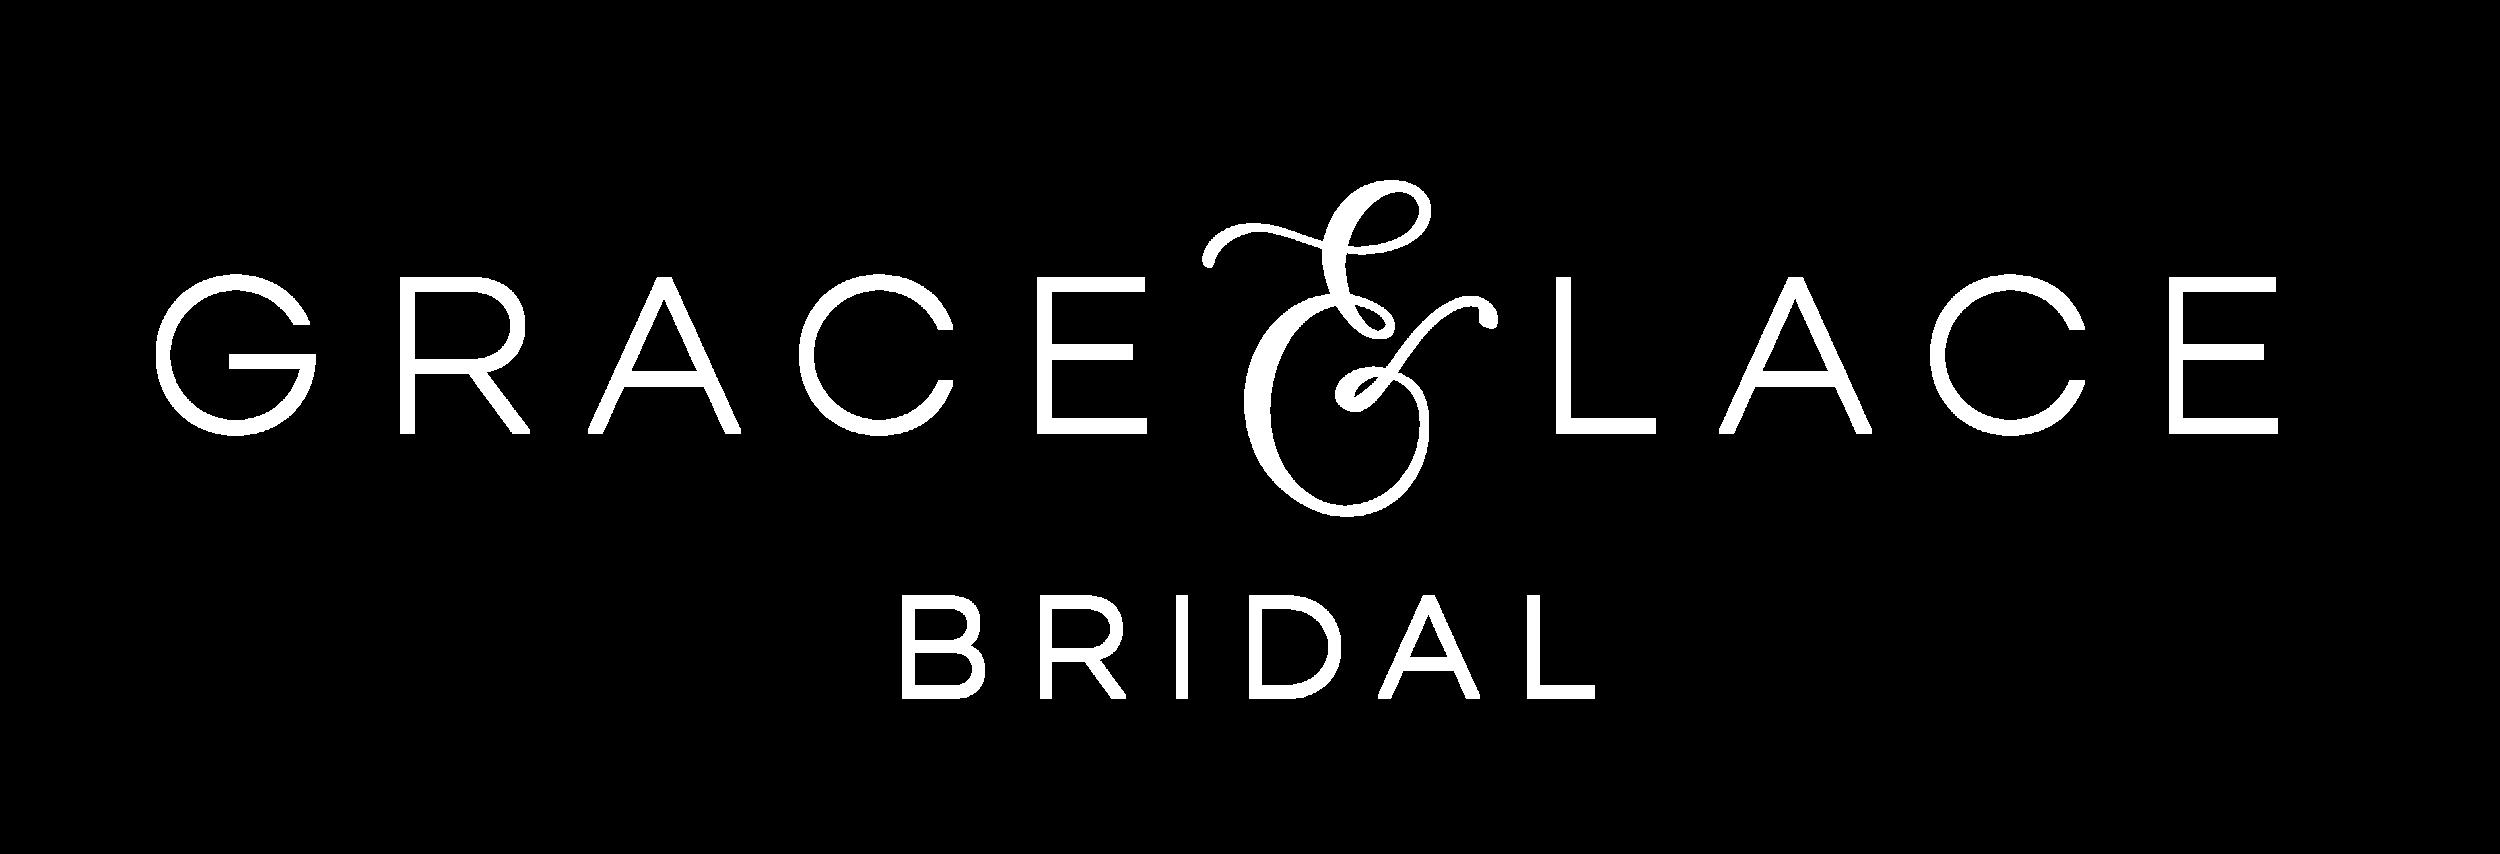 Grace & Lace Bridal_White-04.png